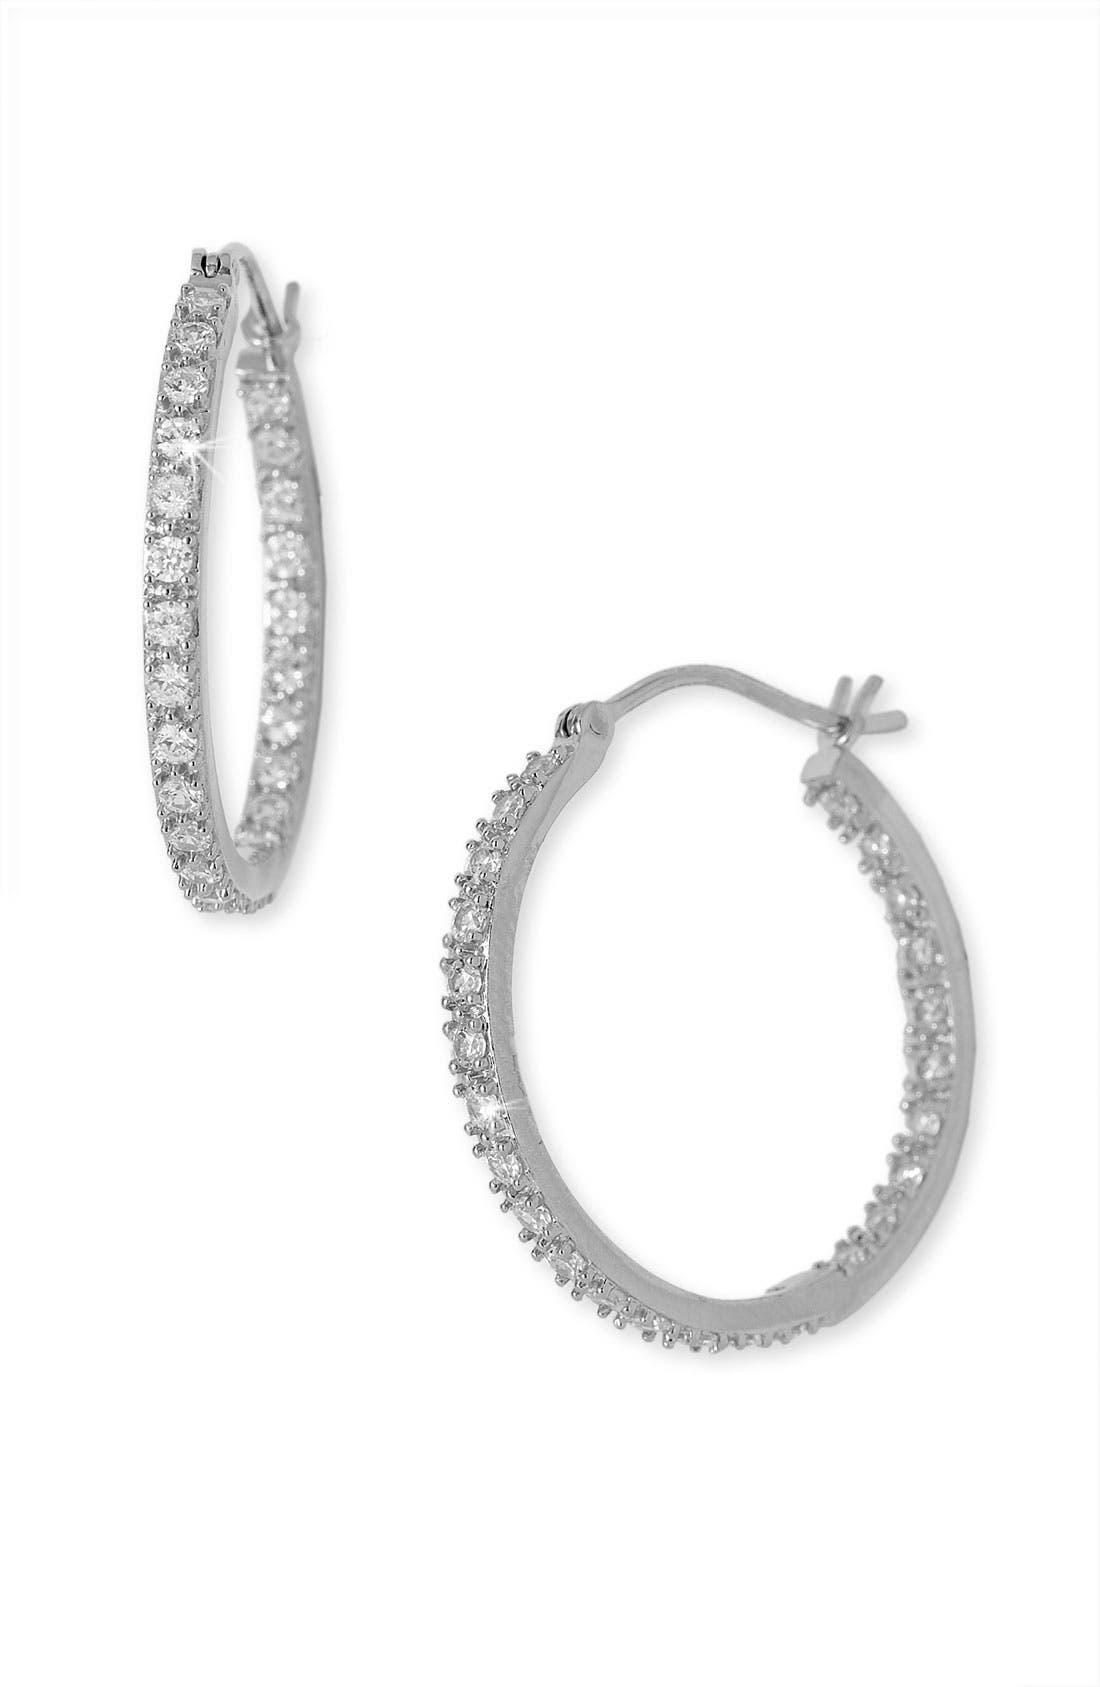 Main Image - Nordstrom Hoop Earrings